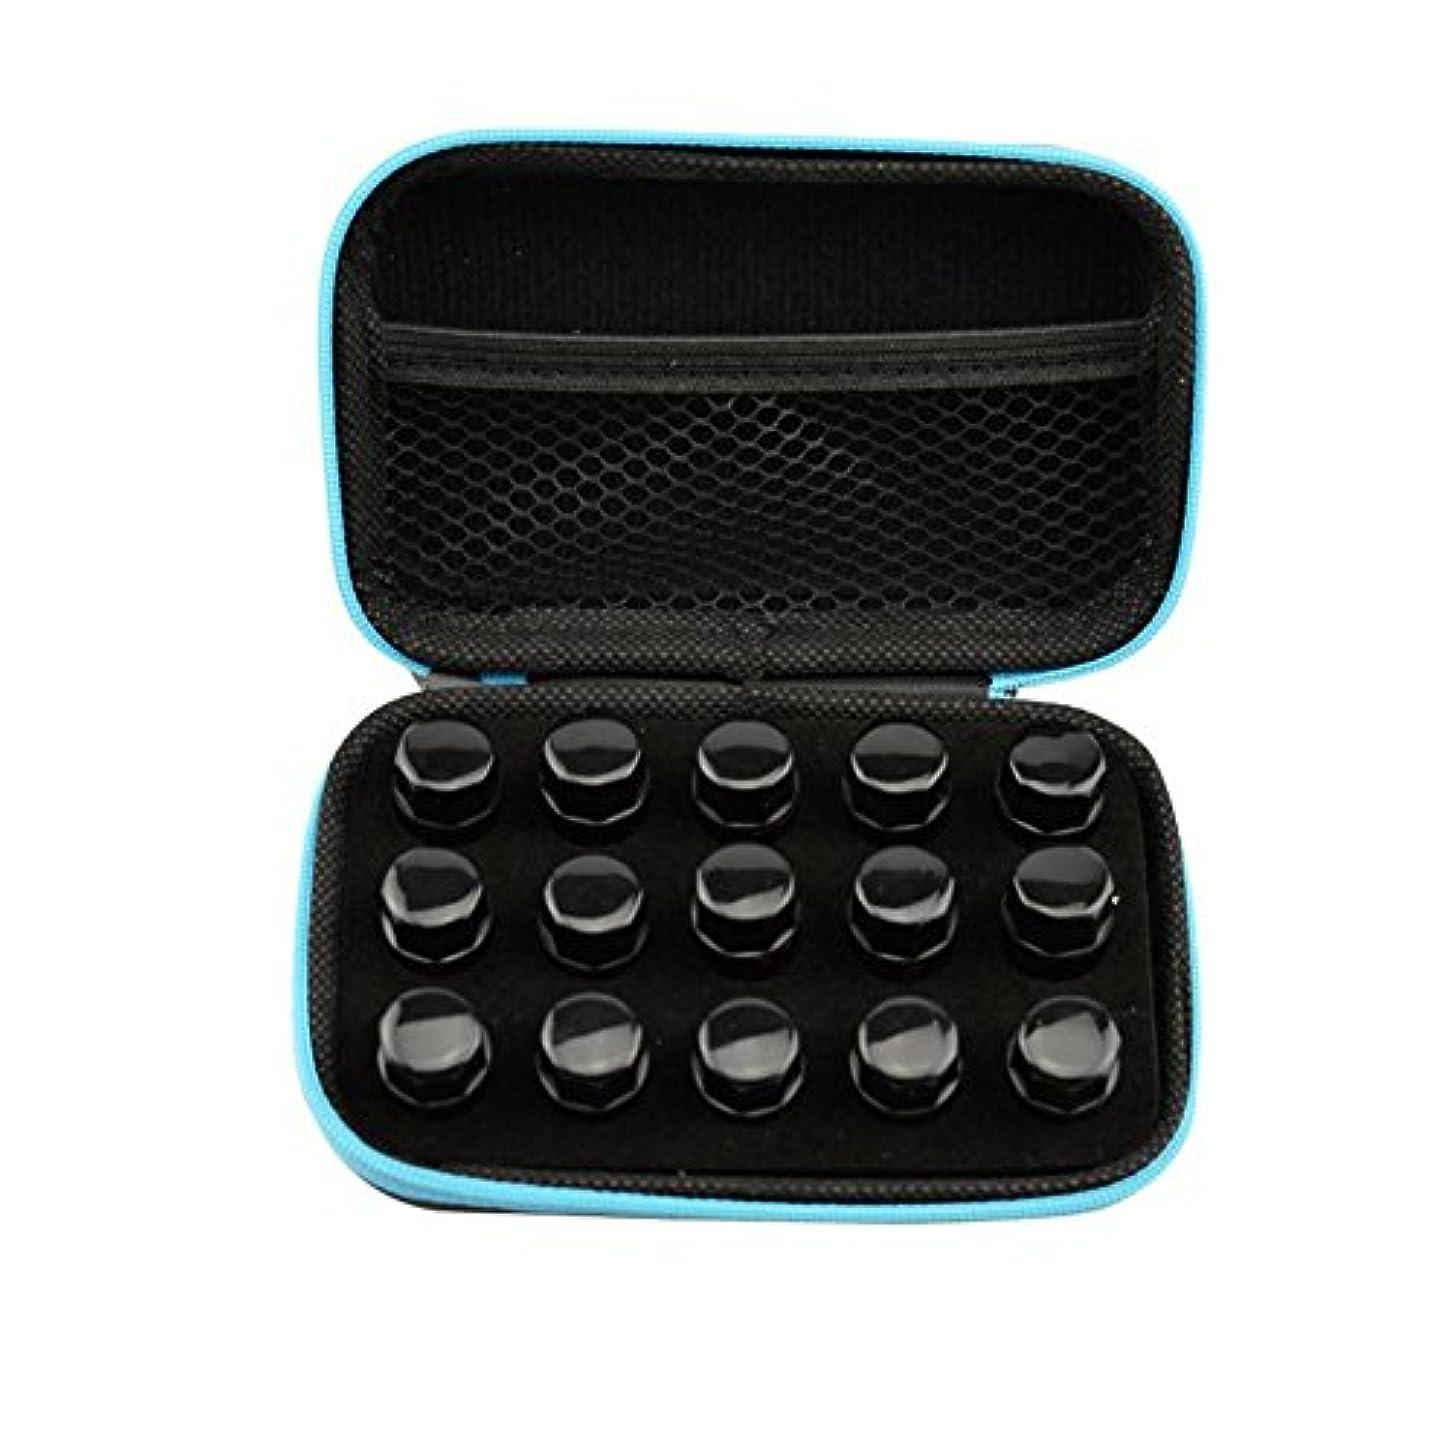 聴衆スナックヒューズFarlong アロマポーチ エッセンシャルオイル ケース 携帯用 アロマケース メイクポーチ 精油ケース 大容量 アロマセラピストポーチ 15本の精油貯蔵袋1ML2ML3ML